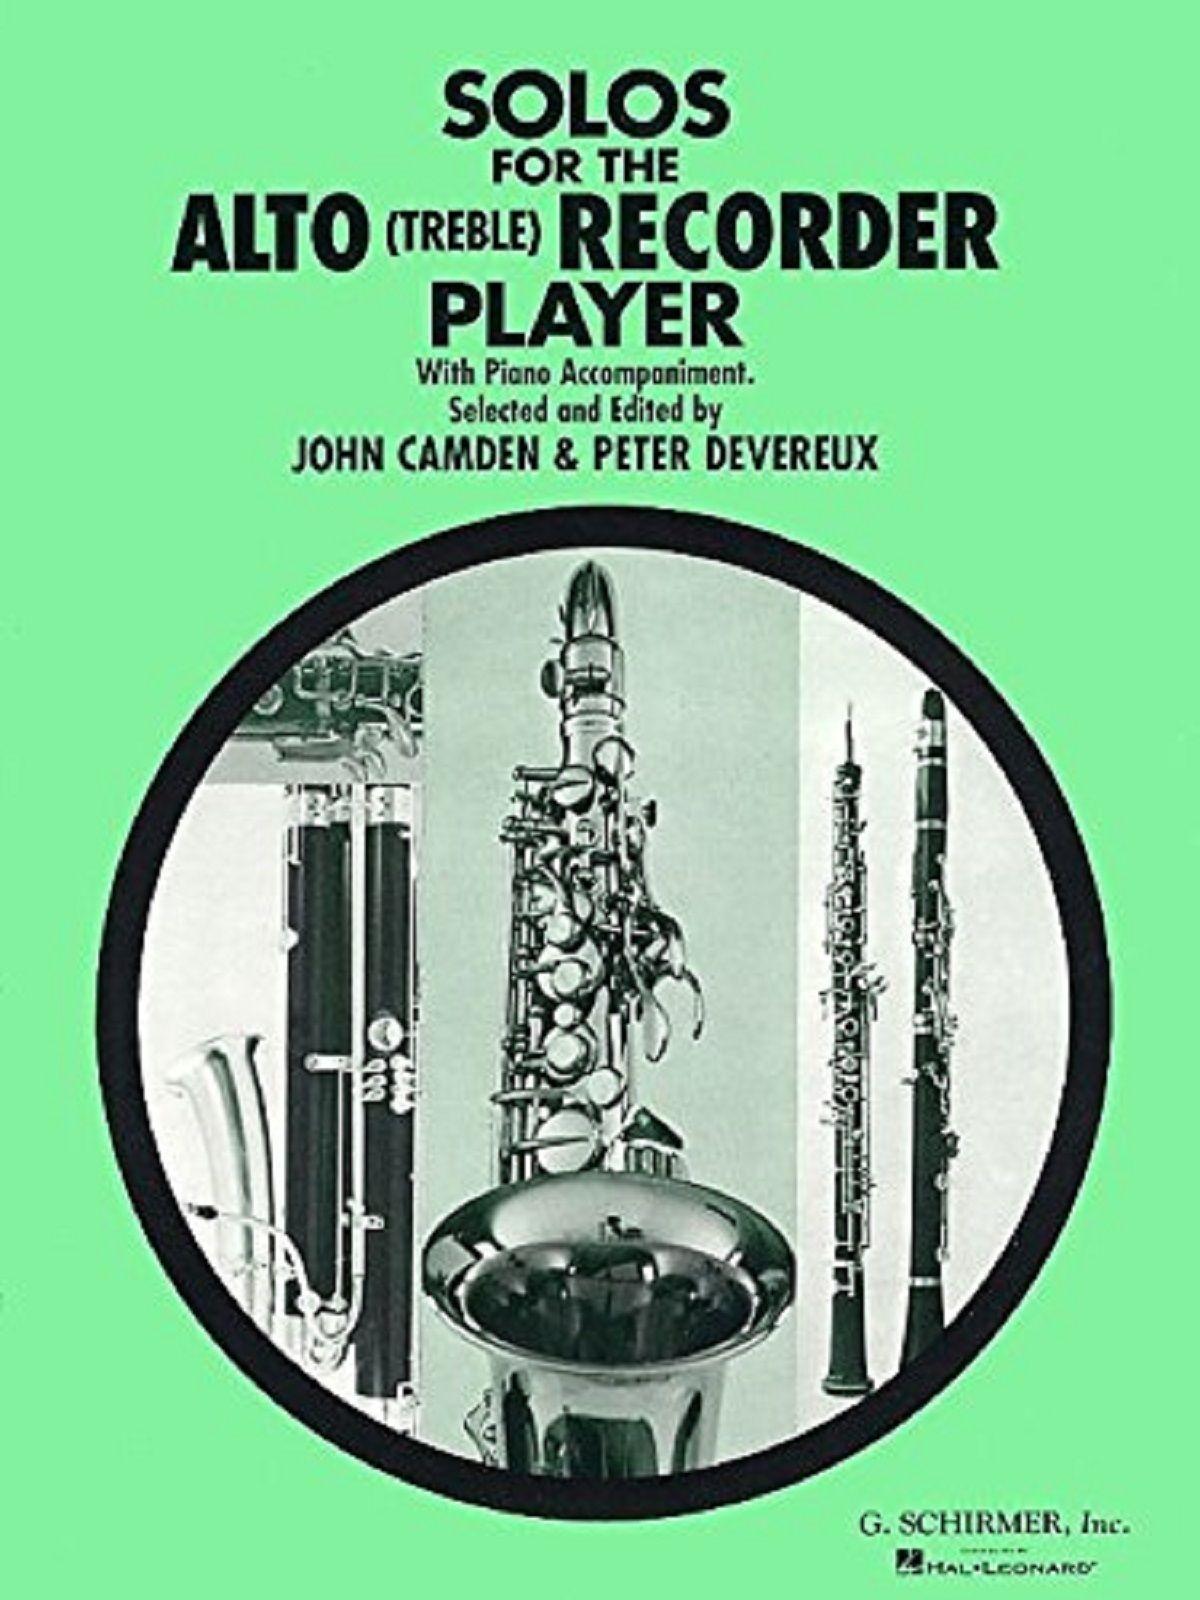 Solos For The Alto / Treble Recorder Player Piano Book Ed Camden & Devereux S105